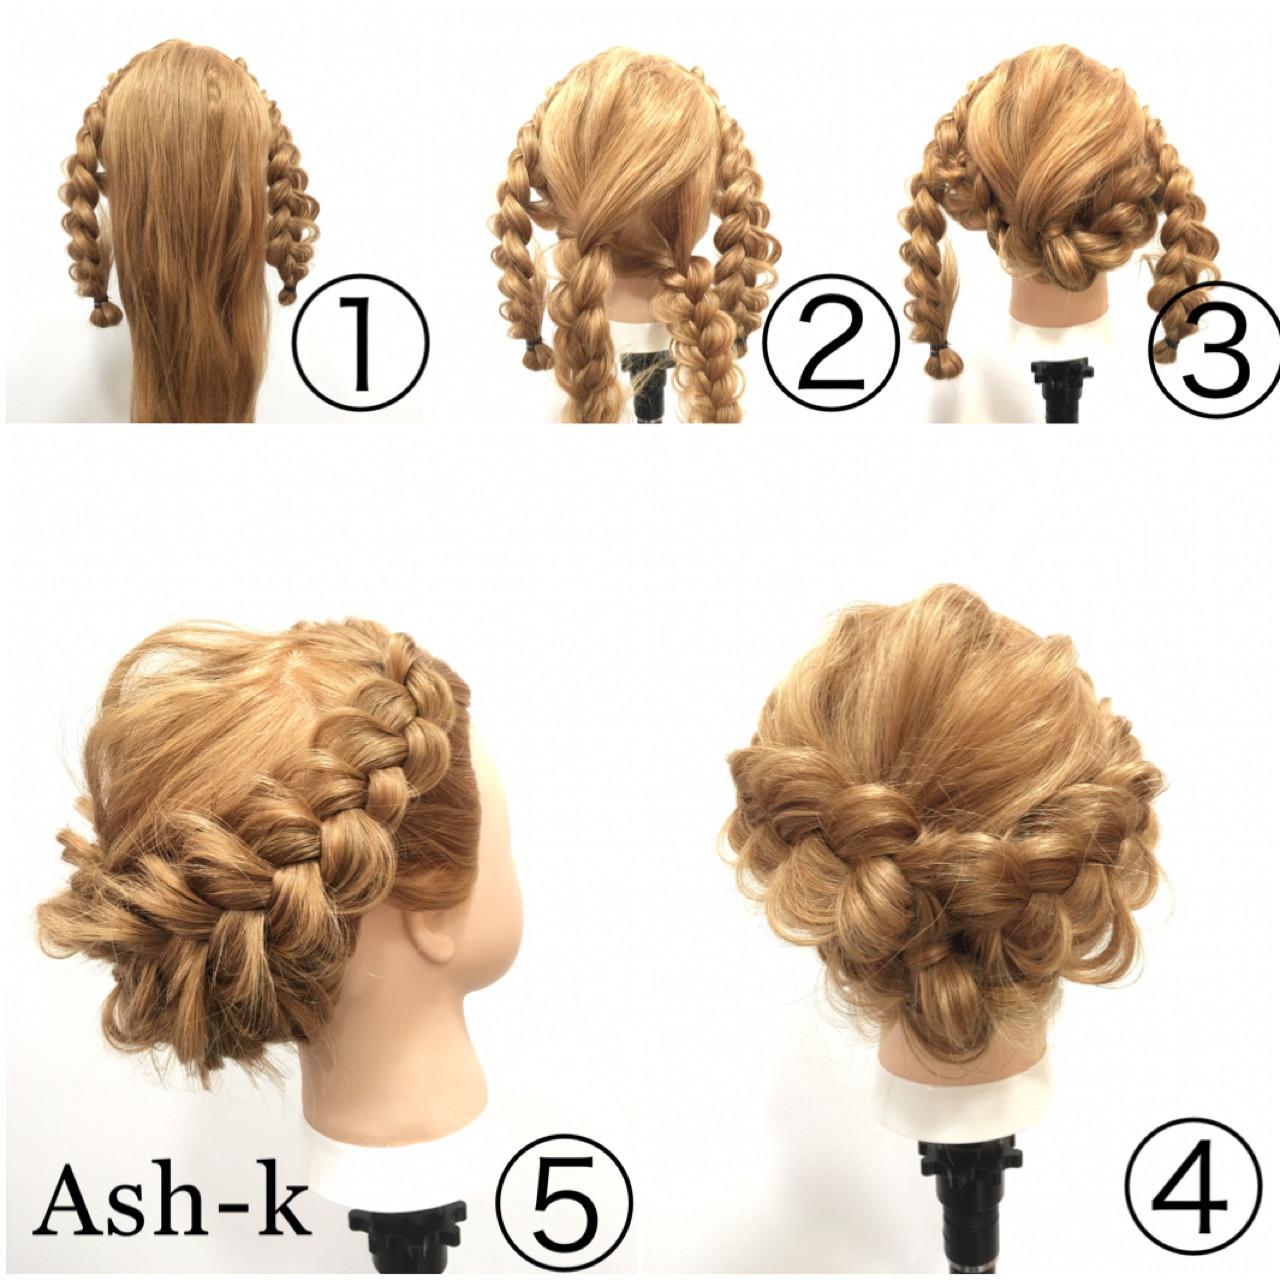 エレガント 三つ編み 大人女子 簡単ヘアアレンジ ヘアスタイルや髪型の写真・画像